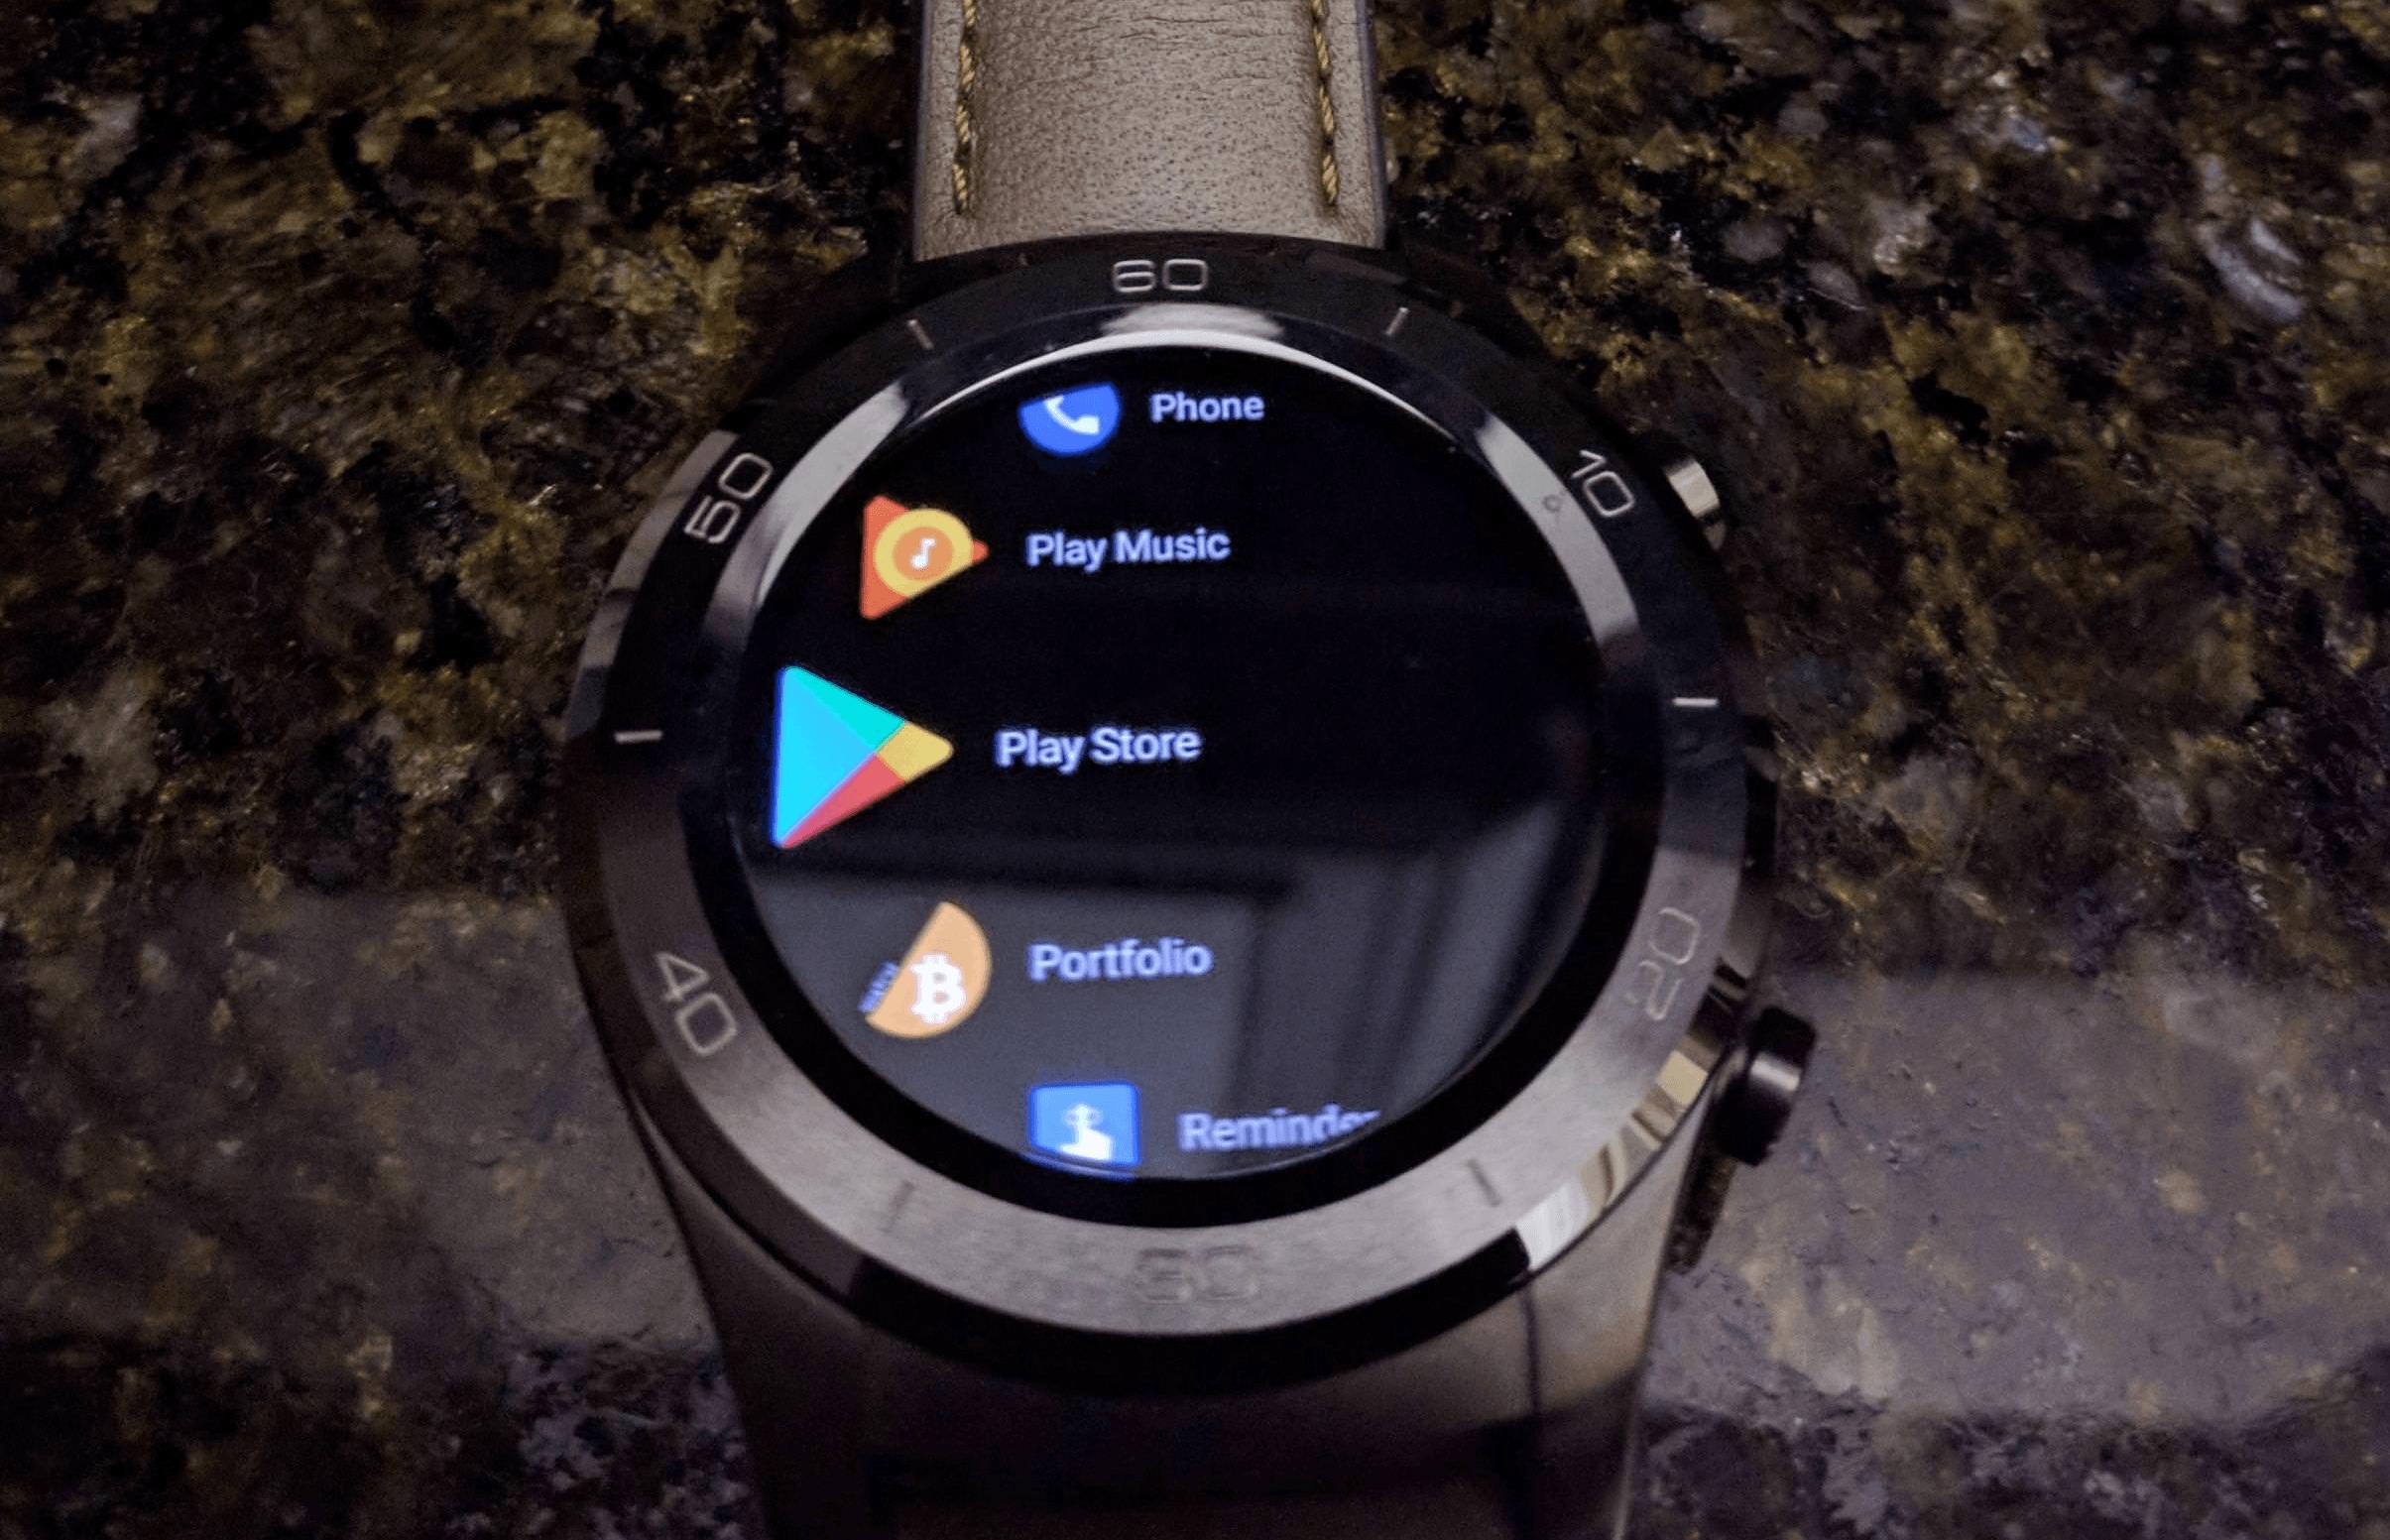 Dzięki aktualizacji Android Wear 2.8, interfejs smartwatchy będzie bardziej przejrzysty 19